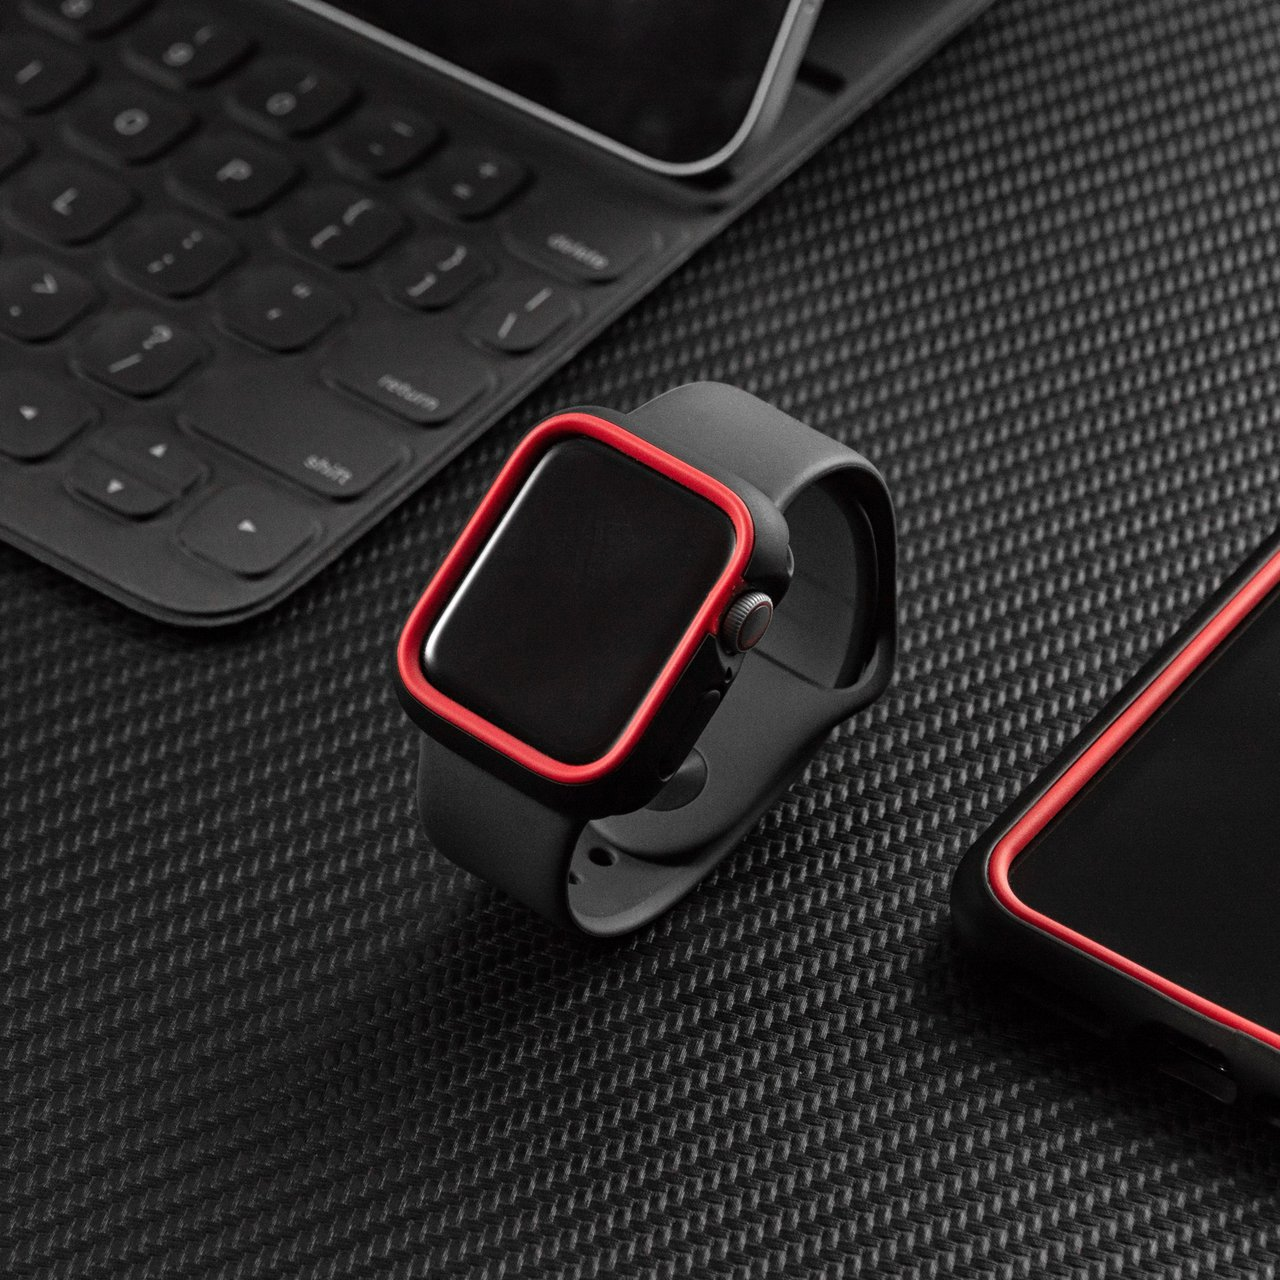 犀牛盾也推出Apple Watch防護殼,提供日常防撞保護。圖/犀牛盾提供